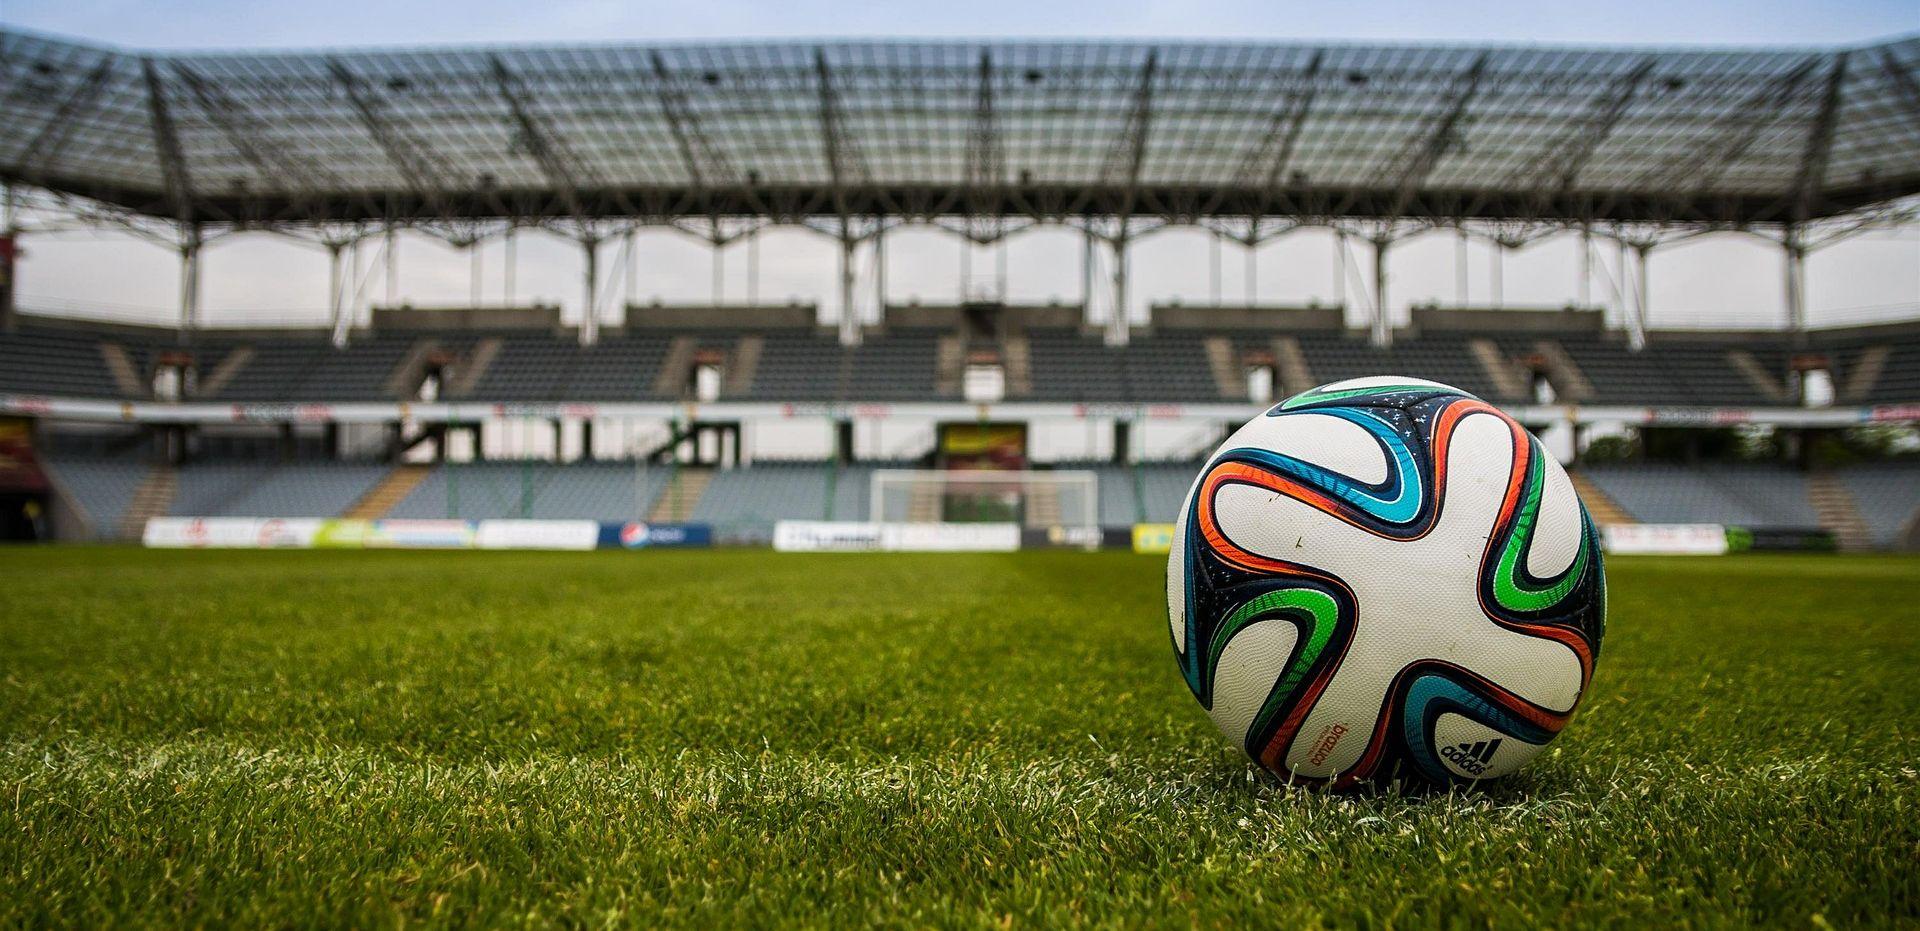 KINA OBJAVILA STRATEGIJU: Do 2050. godine moramo postati svjetska nogometna supersila